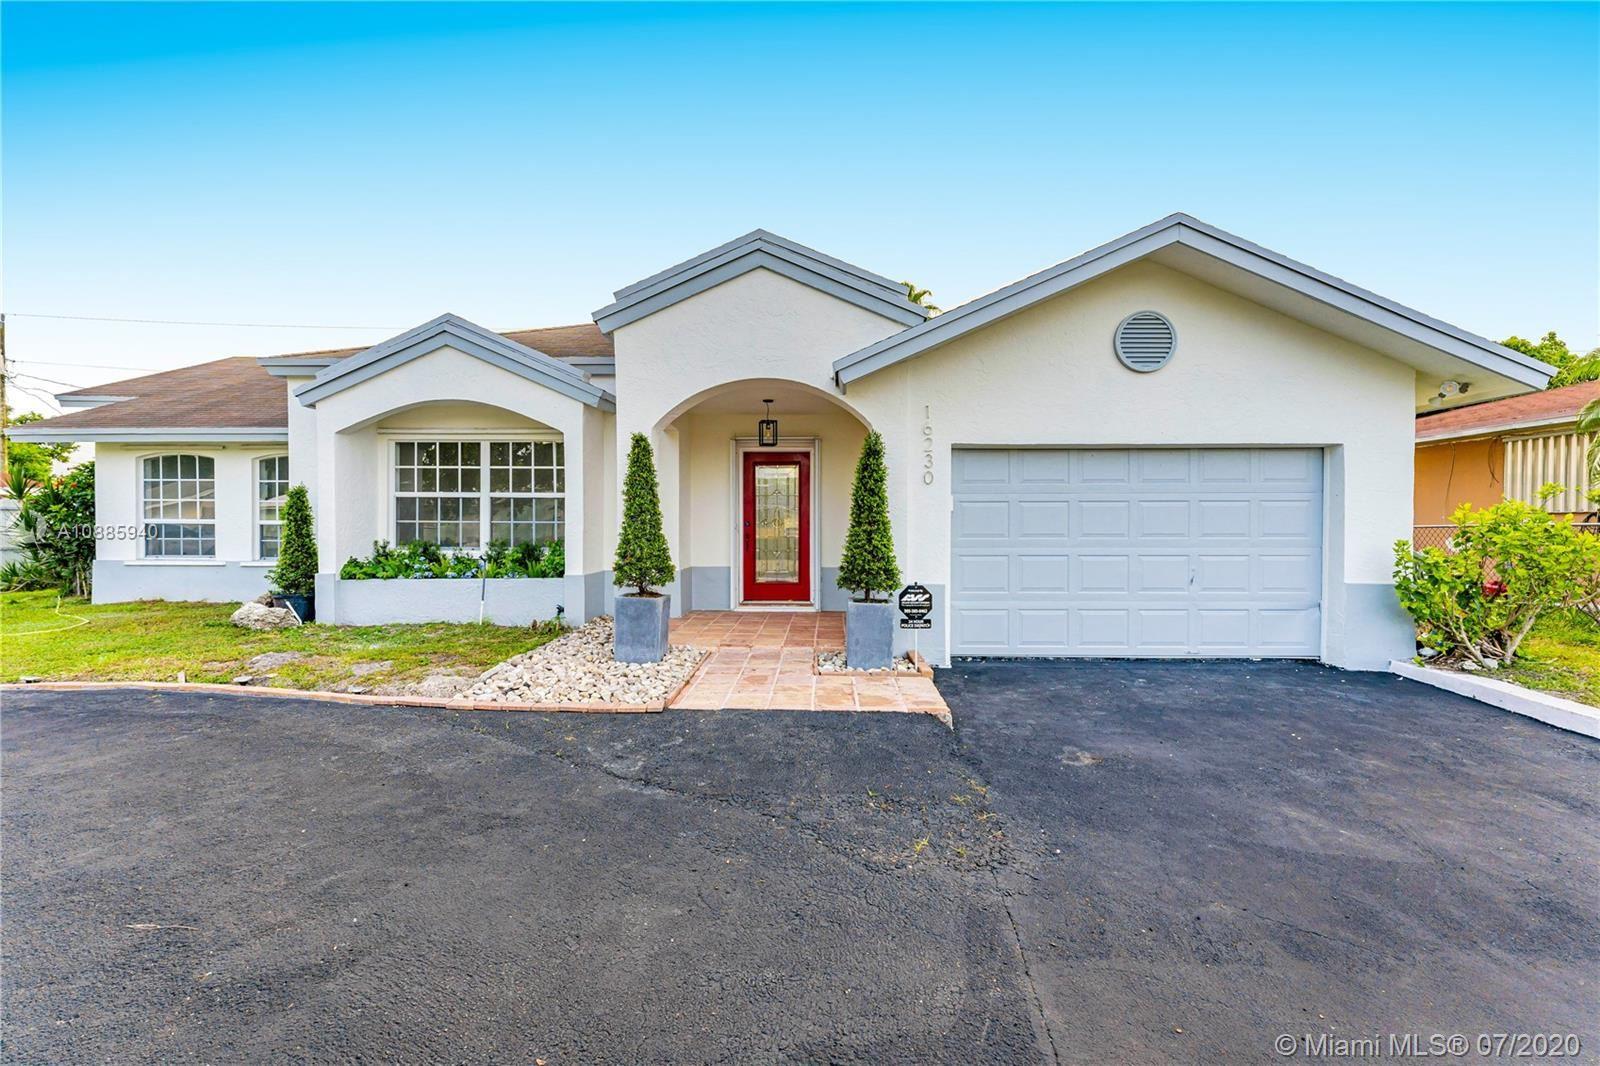 16230 SW 102nd Ct, Miami, FL 33157 - #: A10885940